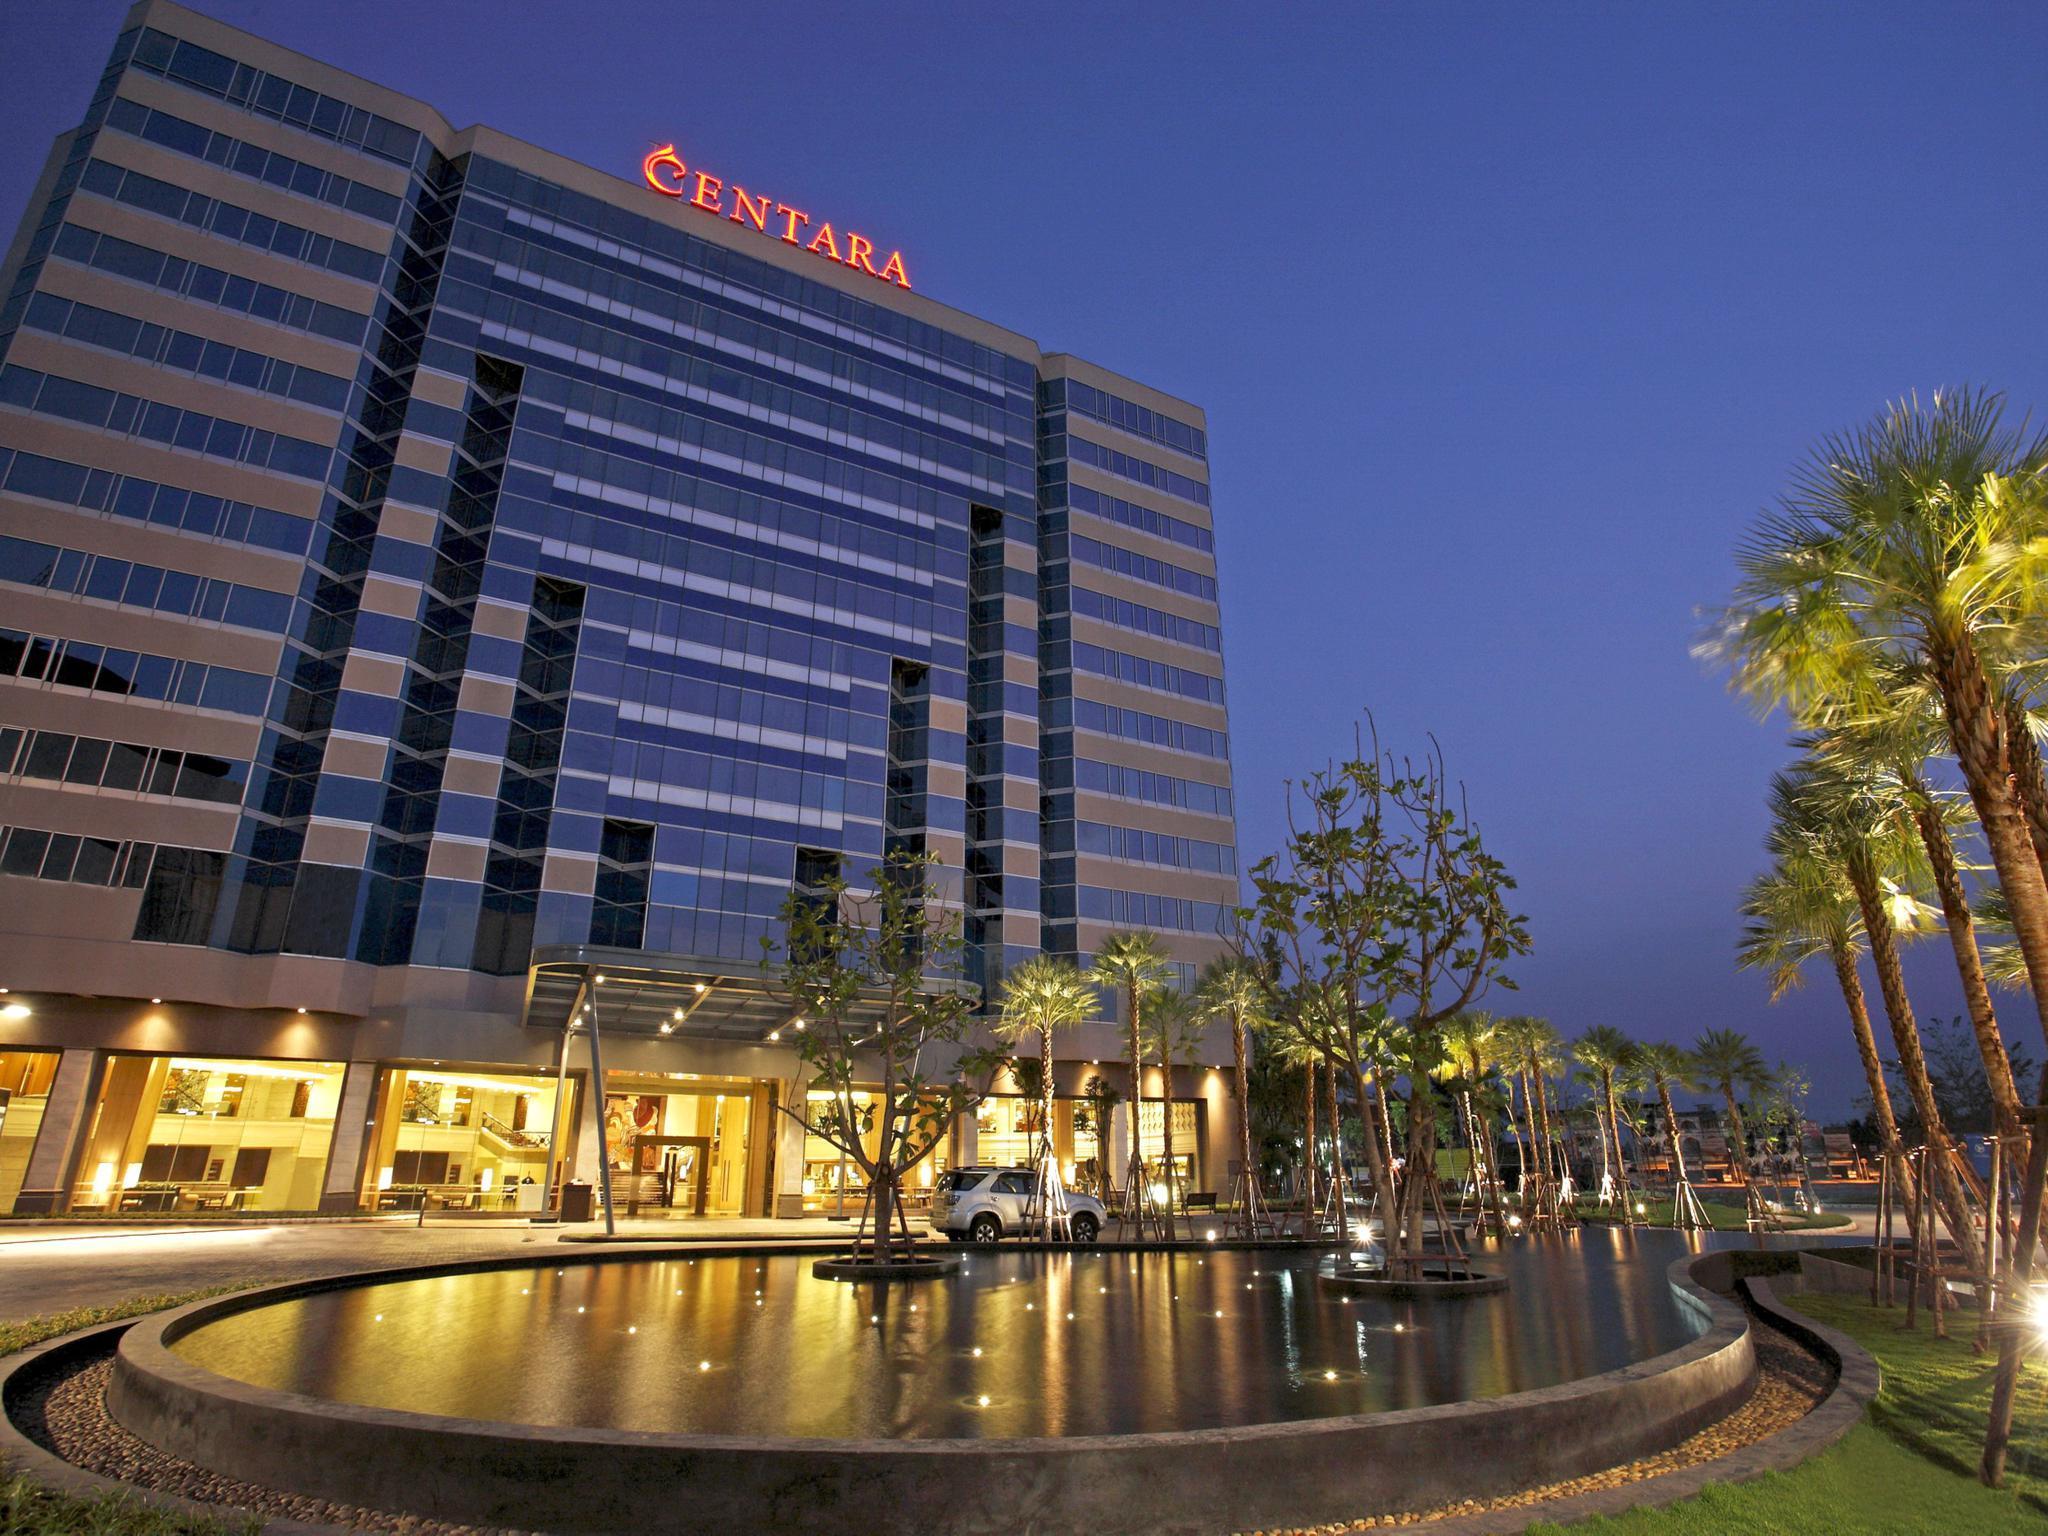 Hotell Centara Hotel   Convention Centre Udon Thani Hotel i , Udonthani. Klicka för att läsa mer och skicka bokningsförfrågan